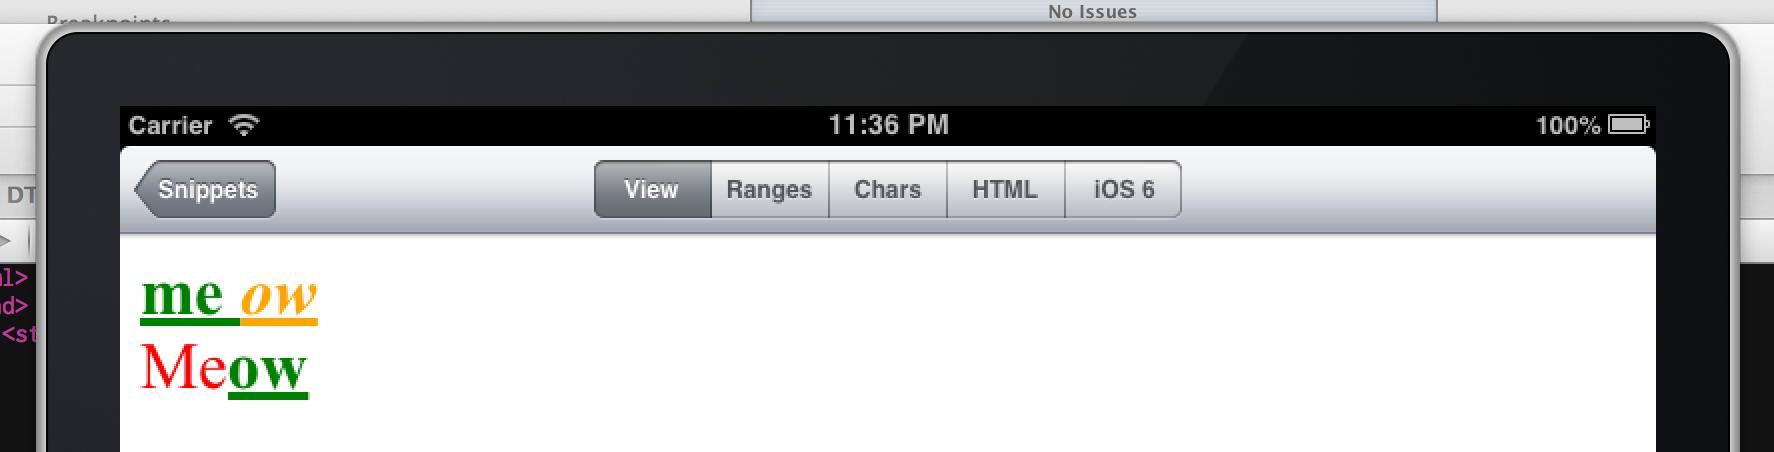 screen shot 2013-08-15 at 11 36 32 pm